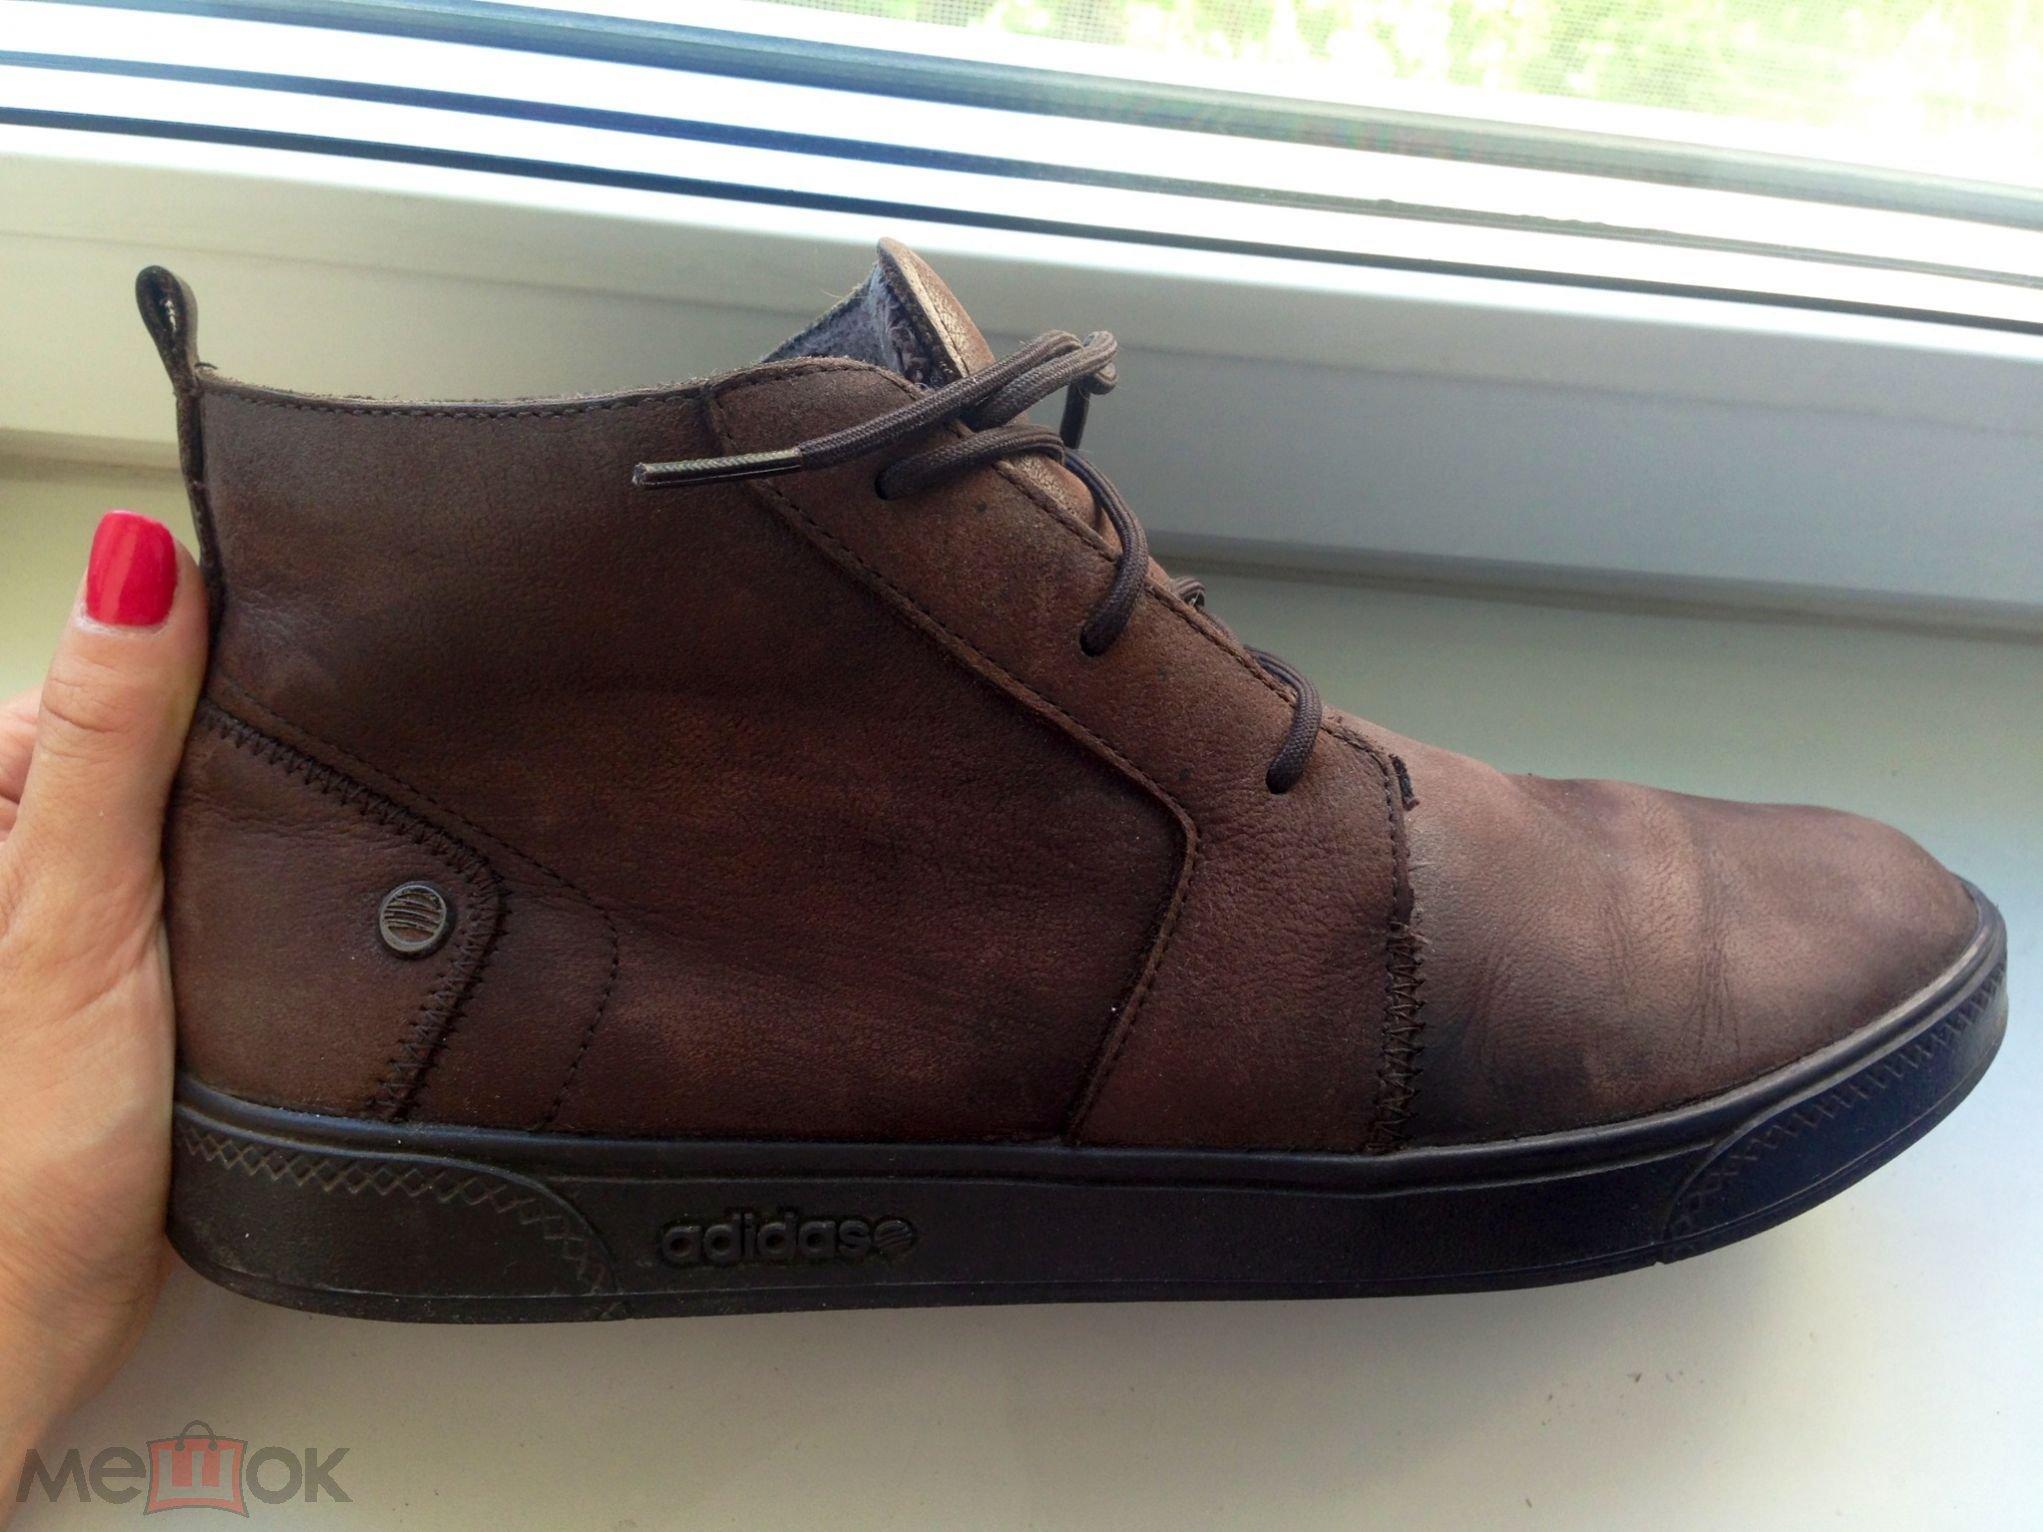 67df75277 Ботинки кожаные зимние мужские утепленные тёплые спортивные кроссовки зимняя  обувь Adidas 43 размер (торги завершены #86276011)